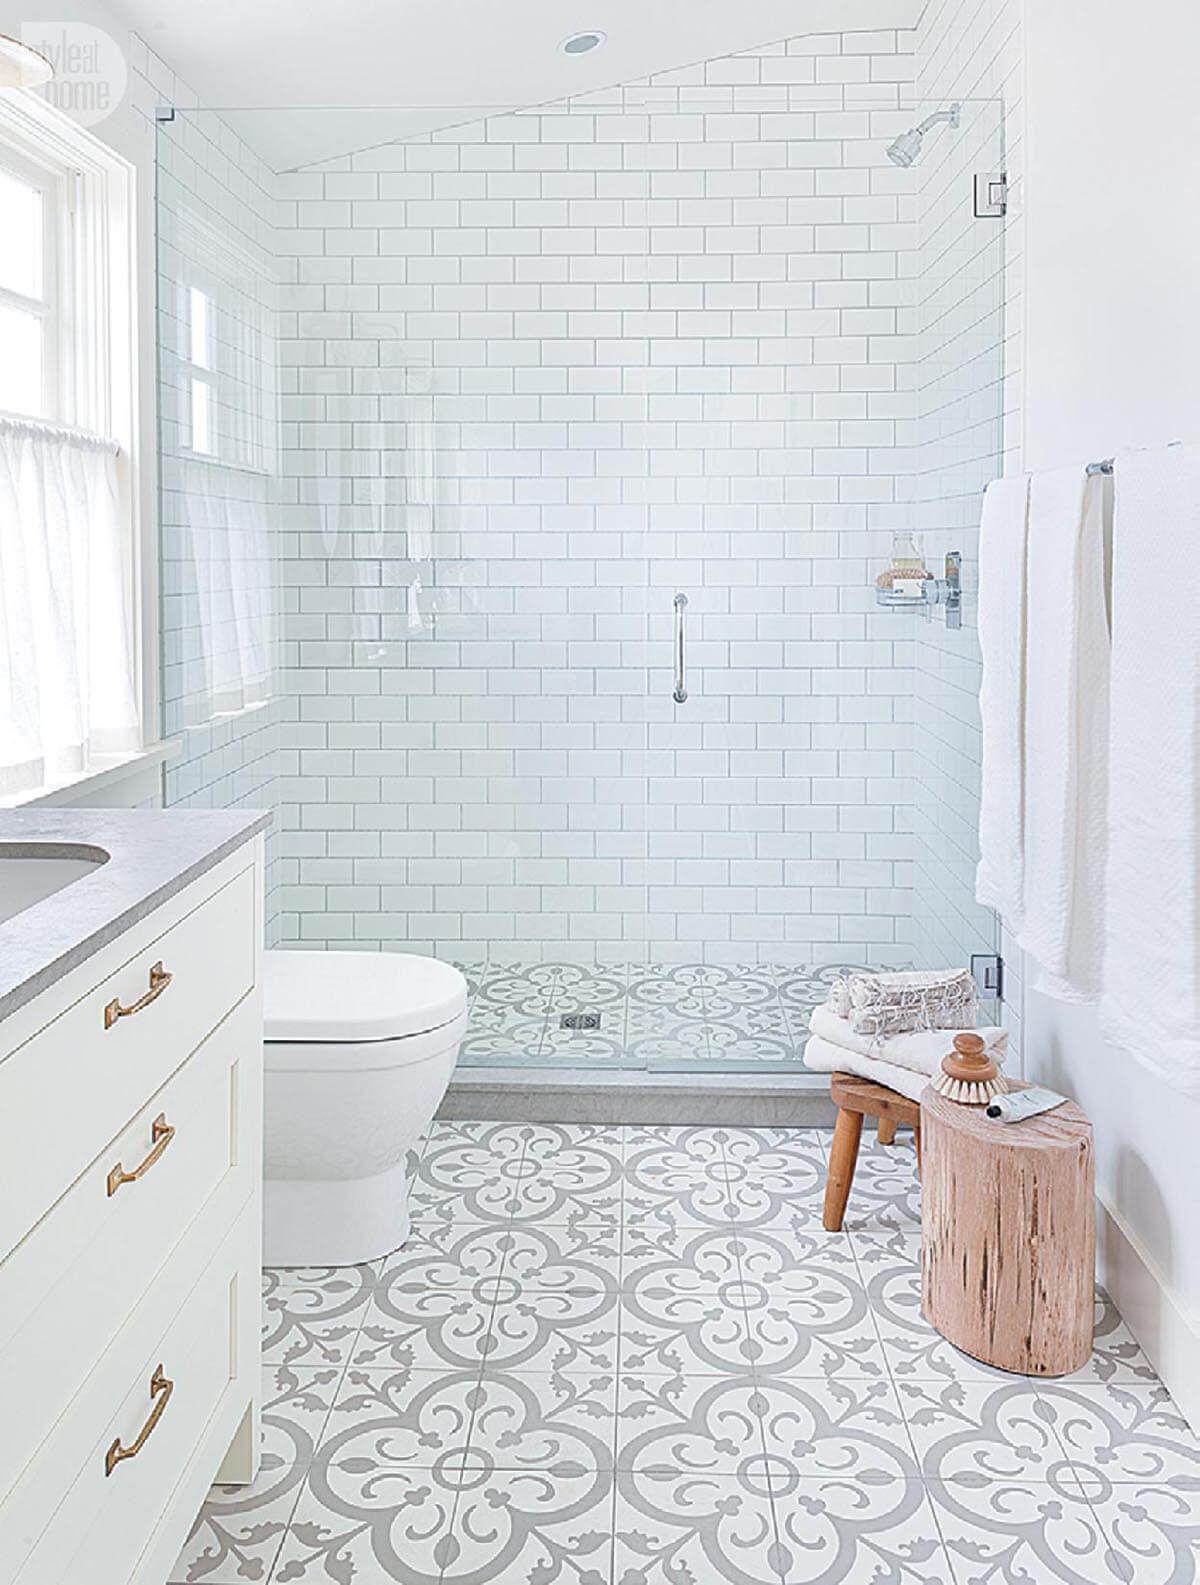 32 Besten Duschfliesen Ideen Die Ihr Badezimmer Verwandeln Werden Badezimmer Besten Duschfliesen Ideen Verwandeln W Badezimmergestaltung Badezimmerfliesen Und Badgestaltung